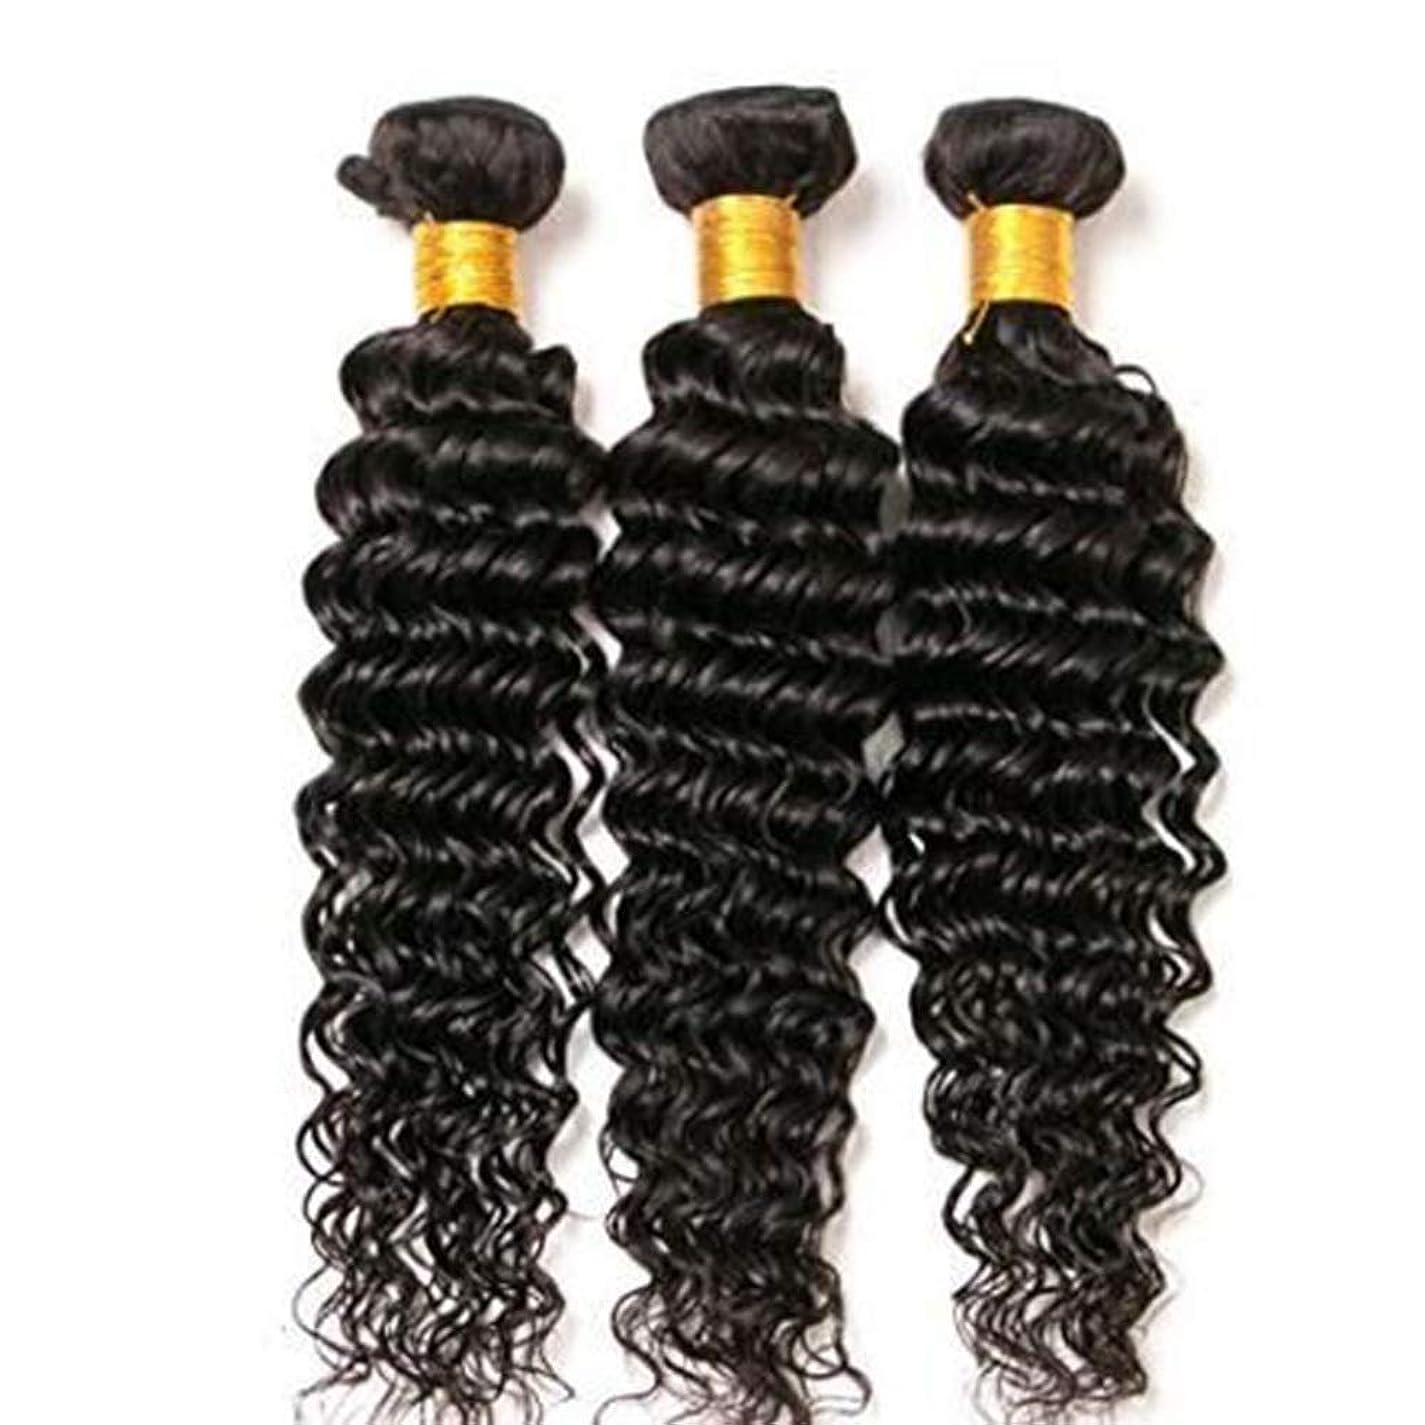 累積マントルお嬢BOBIDYEE 女性のためのブラジルのディープウェーブヘアバンドル100%未処理の人間の毛髪延長ナチュラルルッキング(8